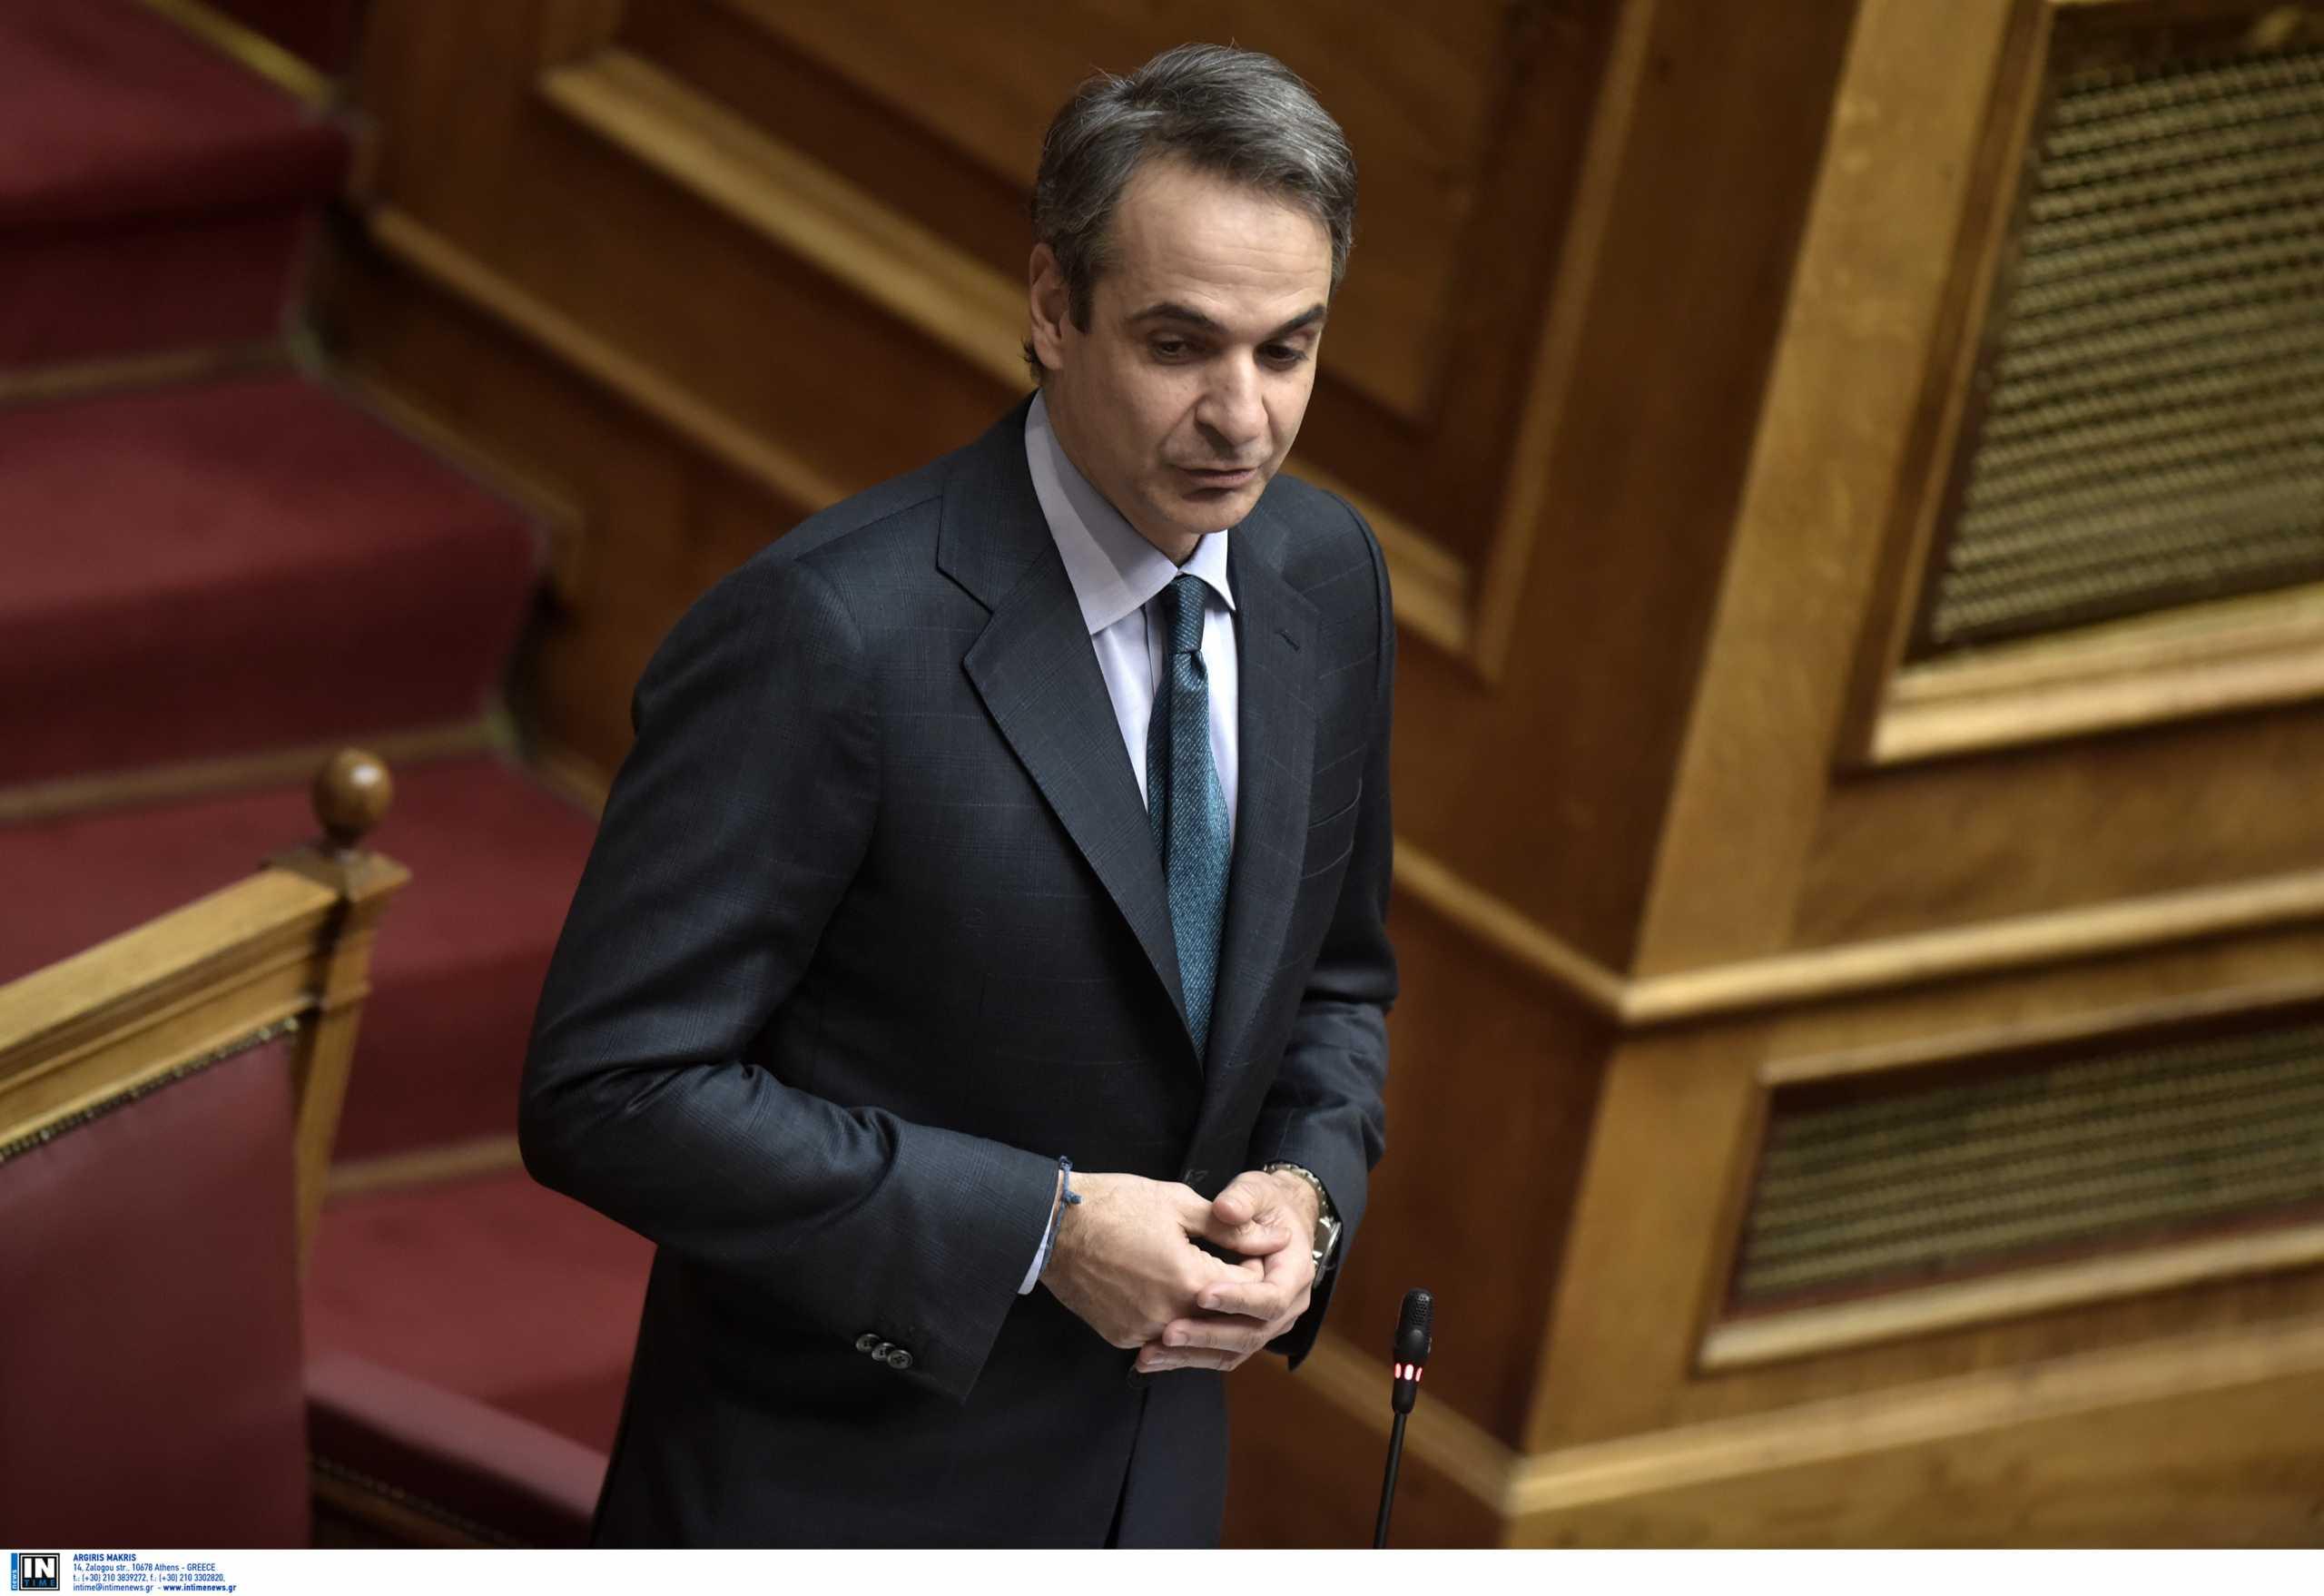 Βουλή Live: Μάχη πολιτικών αρχηγών σήμερα για την πανδημία